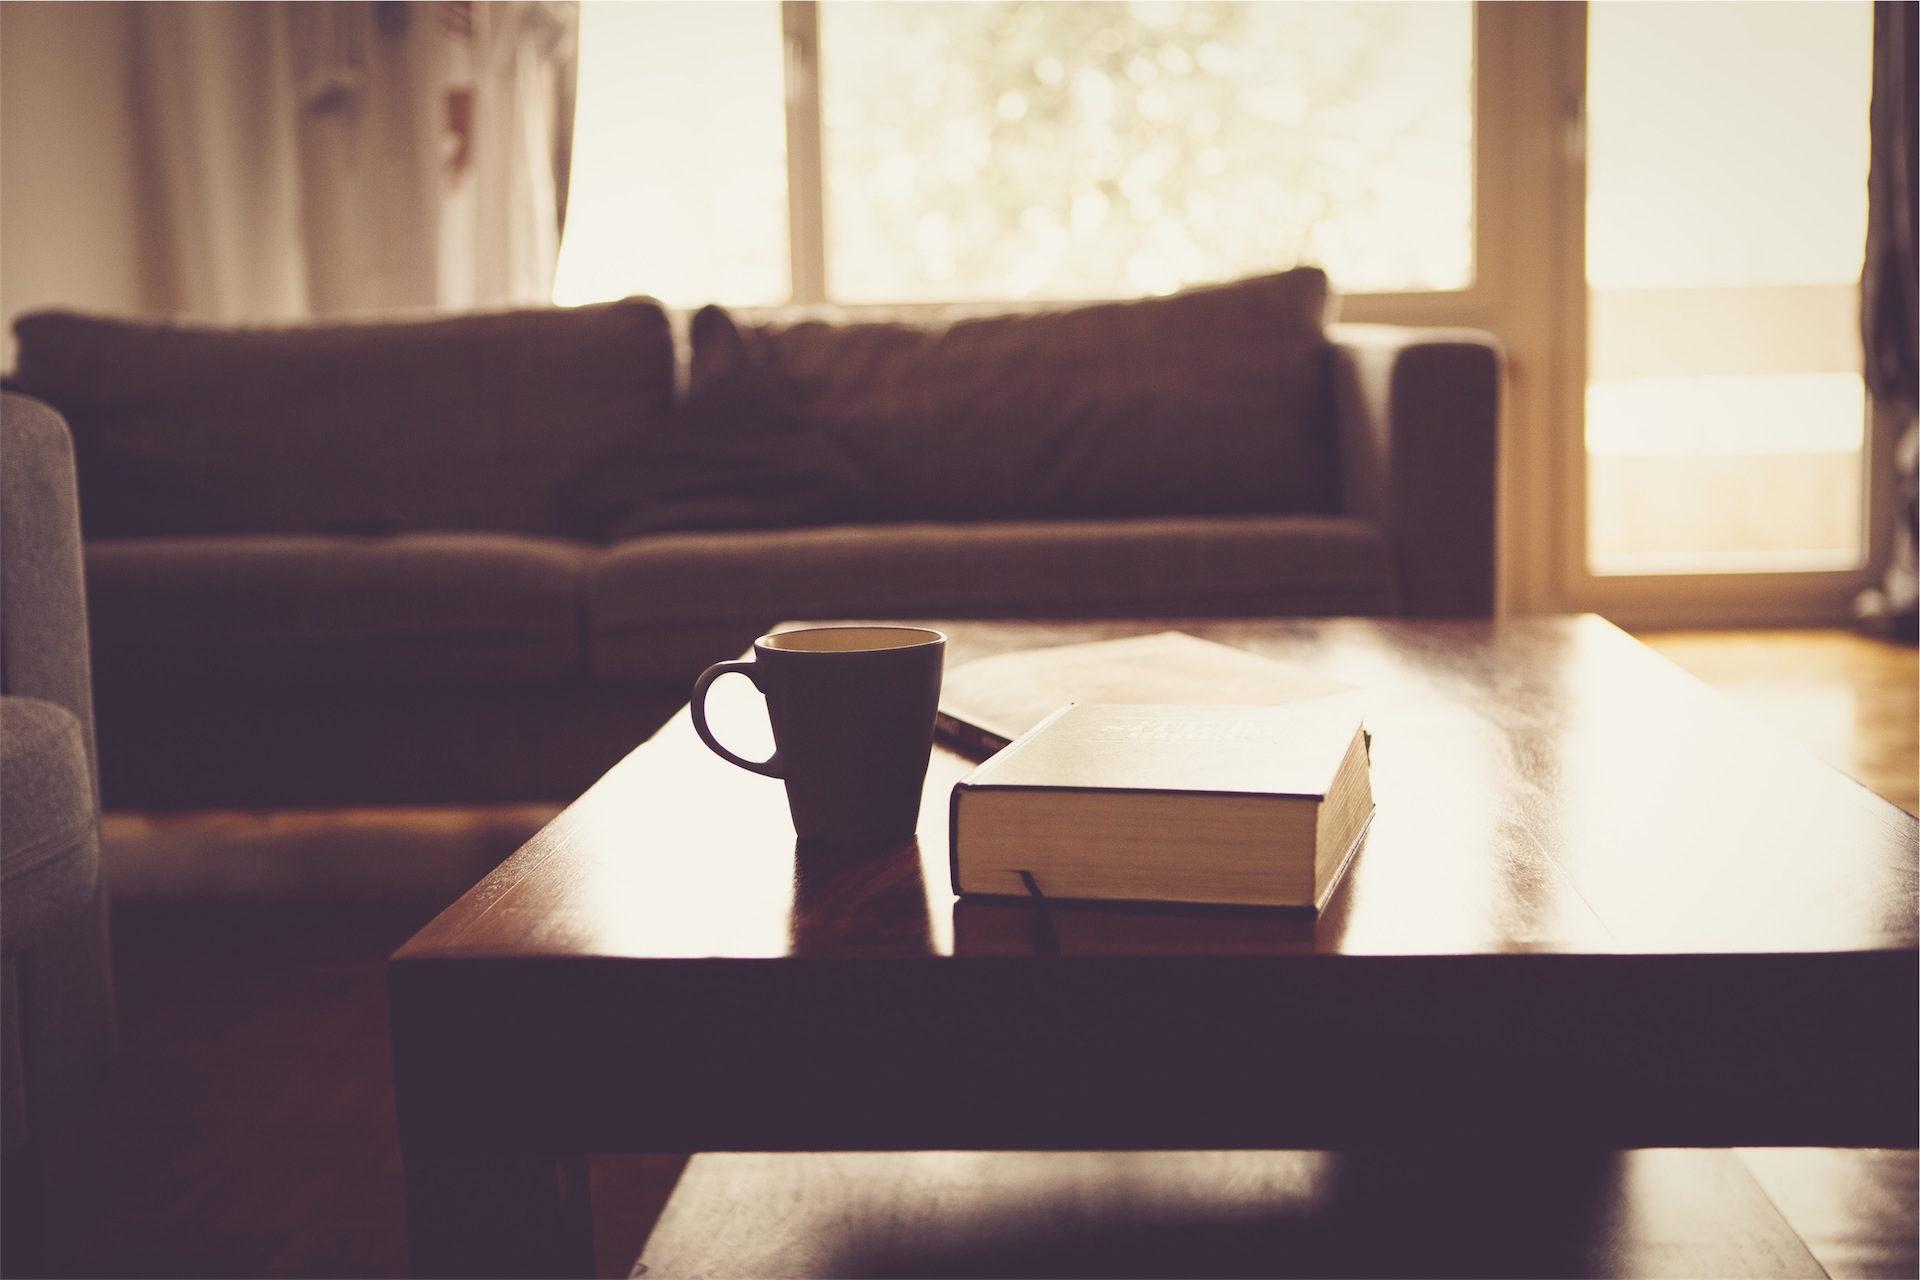 taza, libro, sofá, mesa, habitación - Fondos de Pantalla HD - professor-falken.com